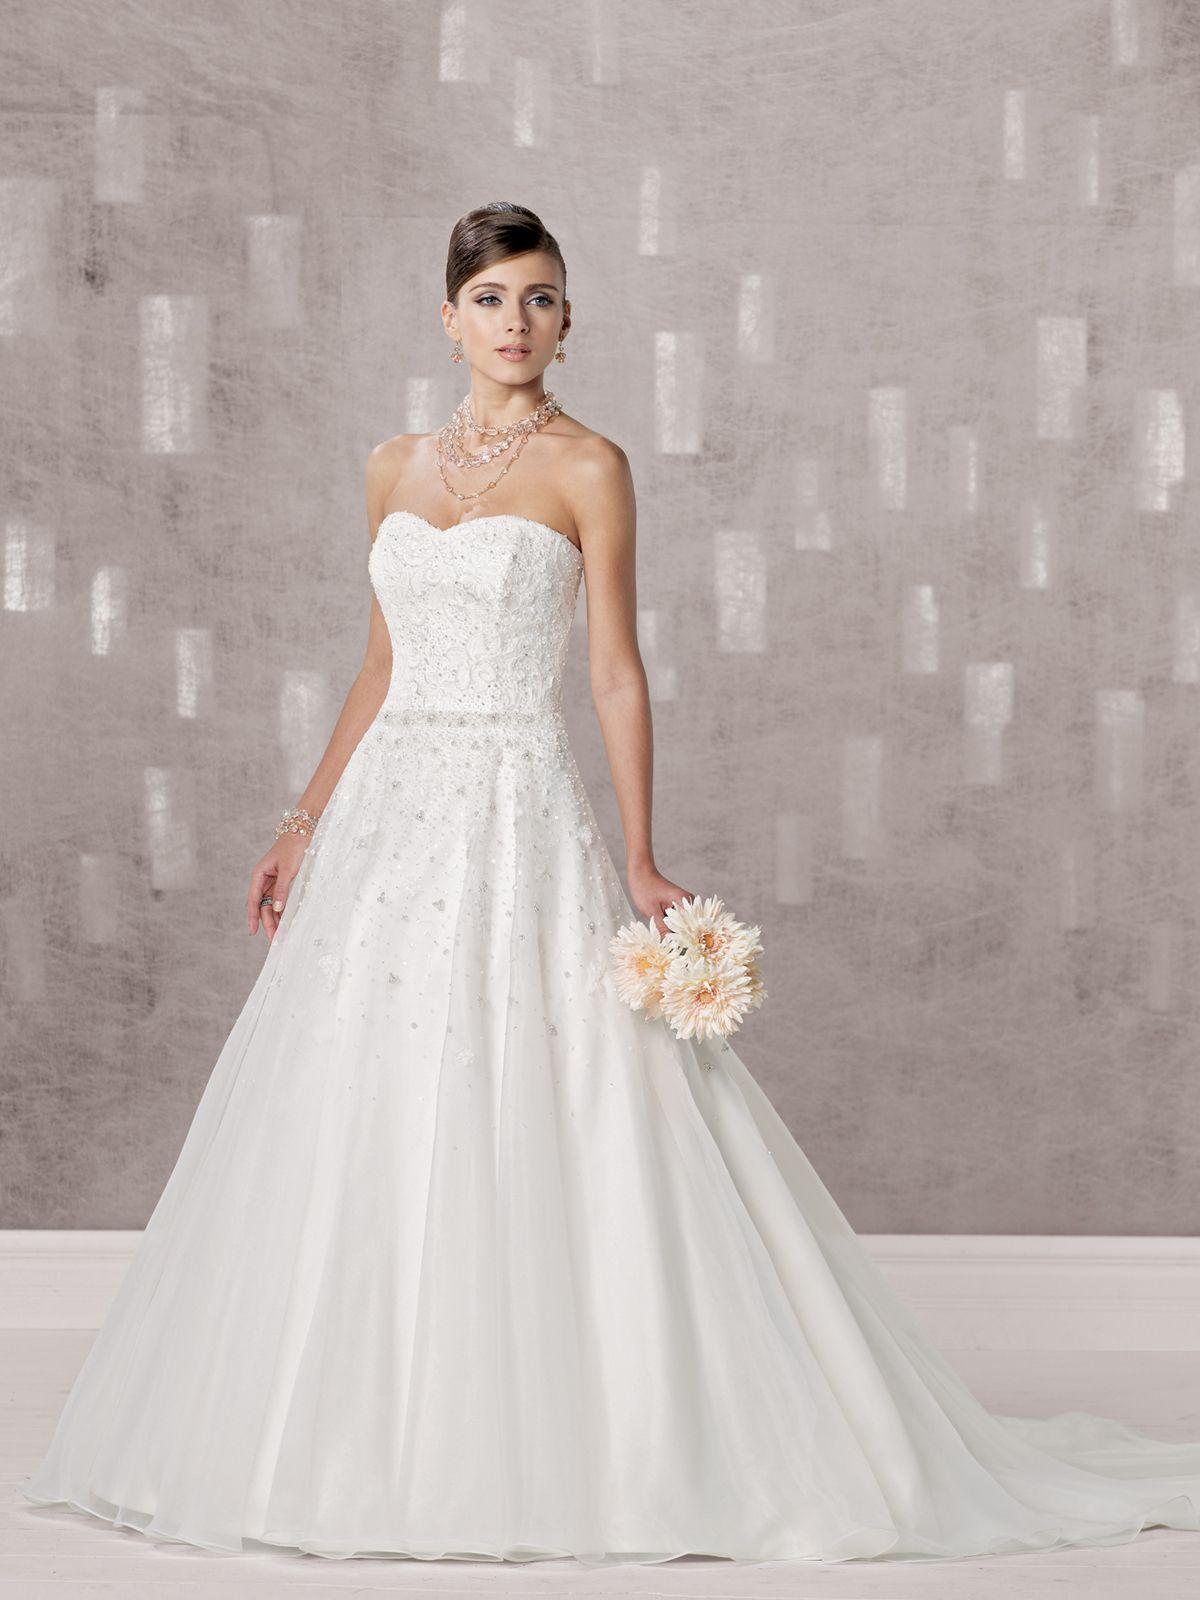 Kathy Ireland for Mon Cheri Bridal » Style No. 231242